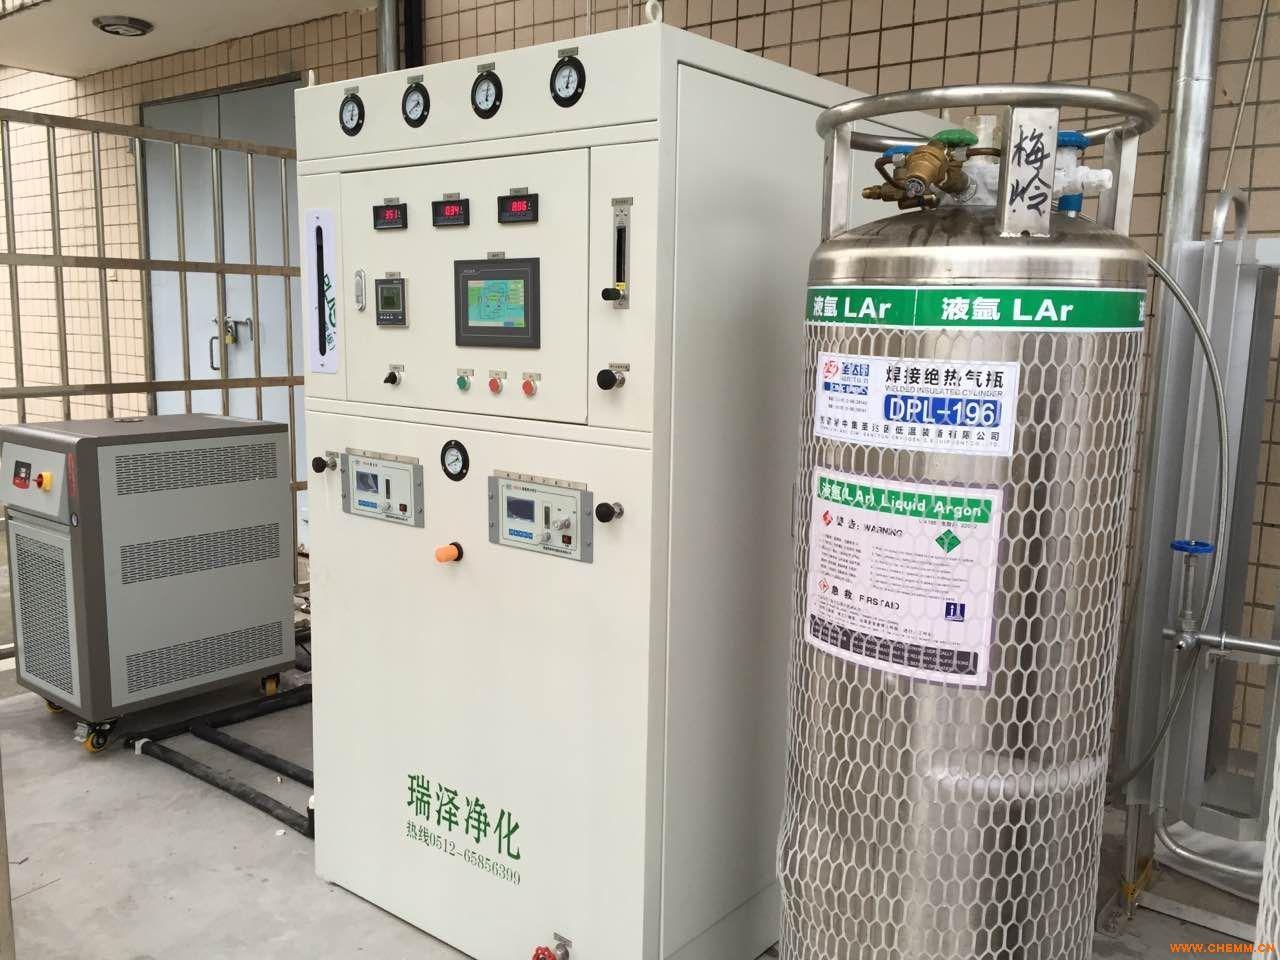 全自动氩气纯化装置、一键式氩气纯化器、无人值守氩气纯化longfa168龙8国际官网